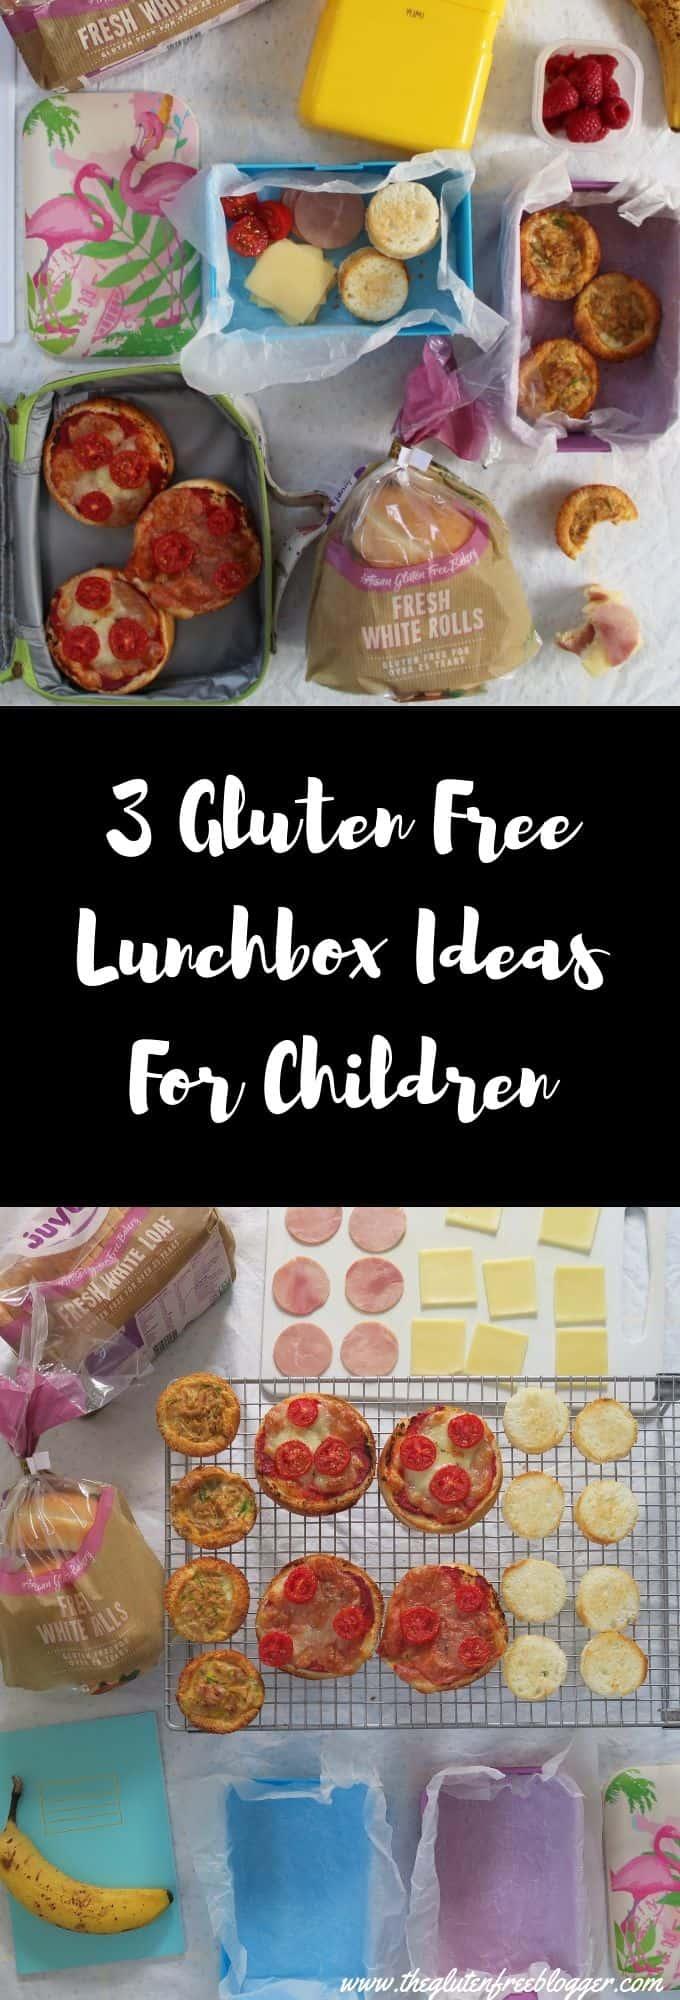 gluten free lunchbox ideas - gluten free children, coeliac children, lunch ideas for kids